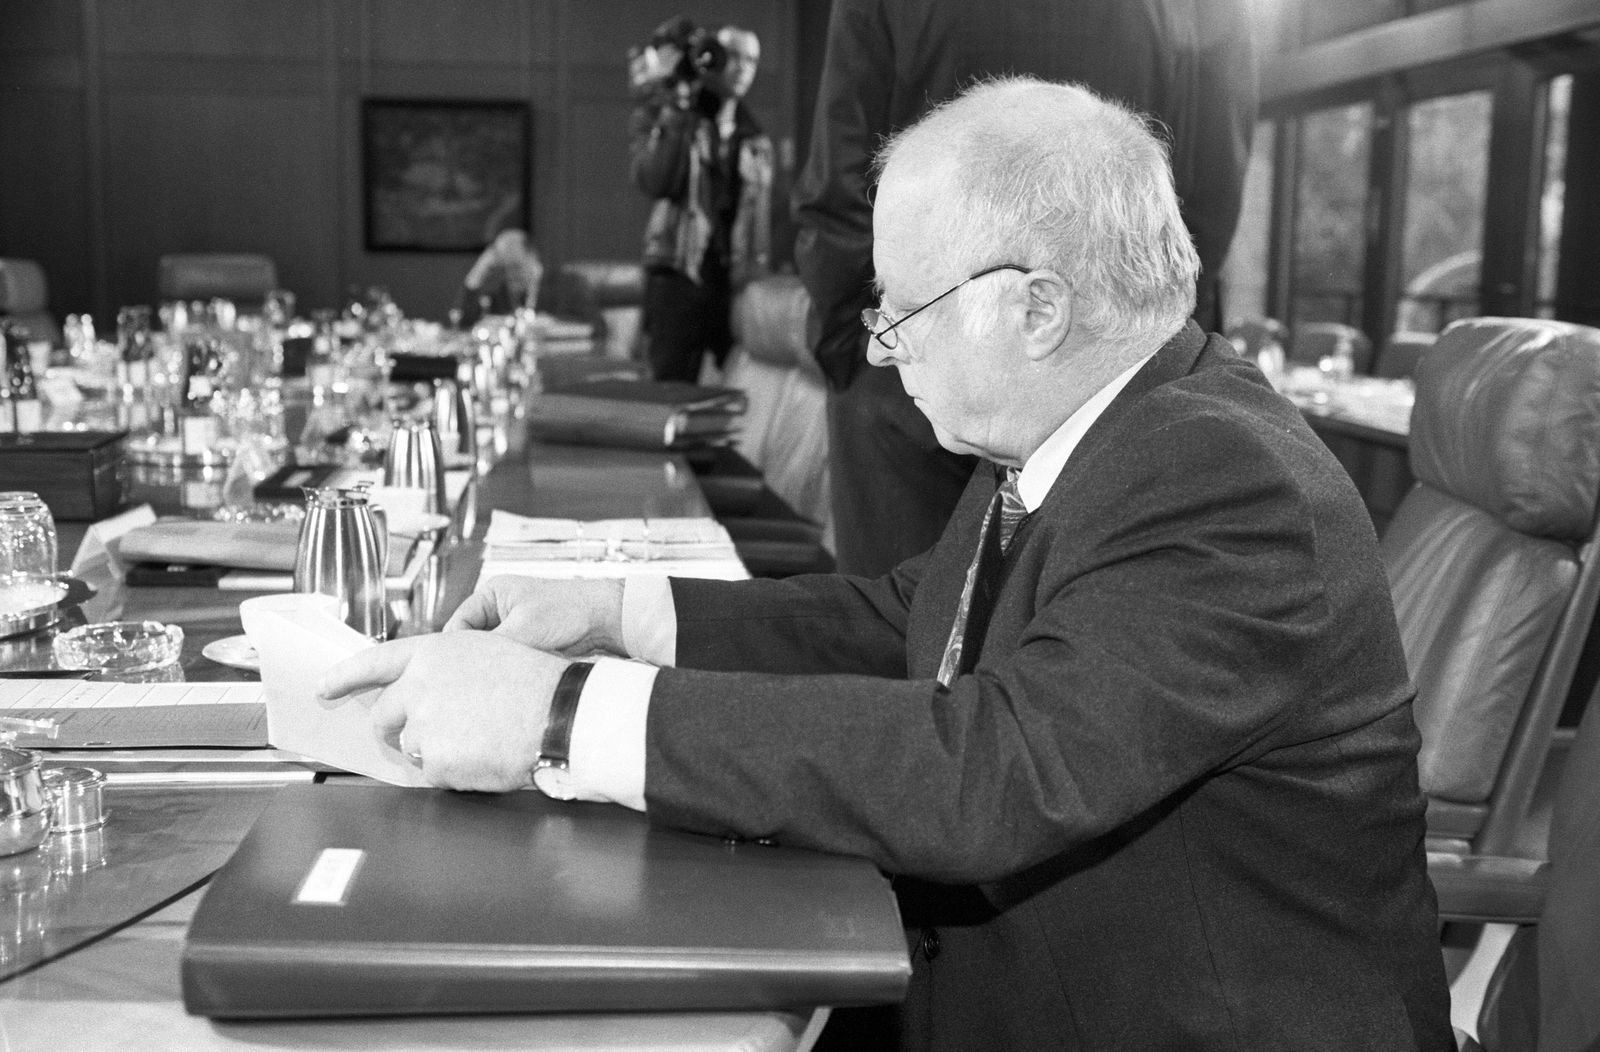 Arbeitsminister Norbert Blüm (Deutschland/CDU) während einer Kabinettssitzung in Bonn